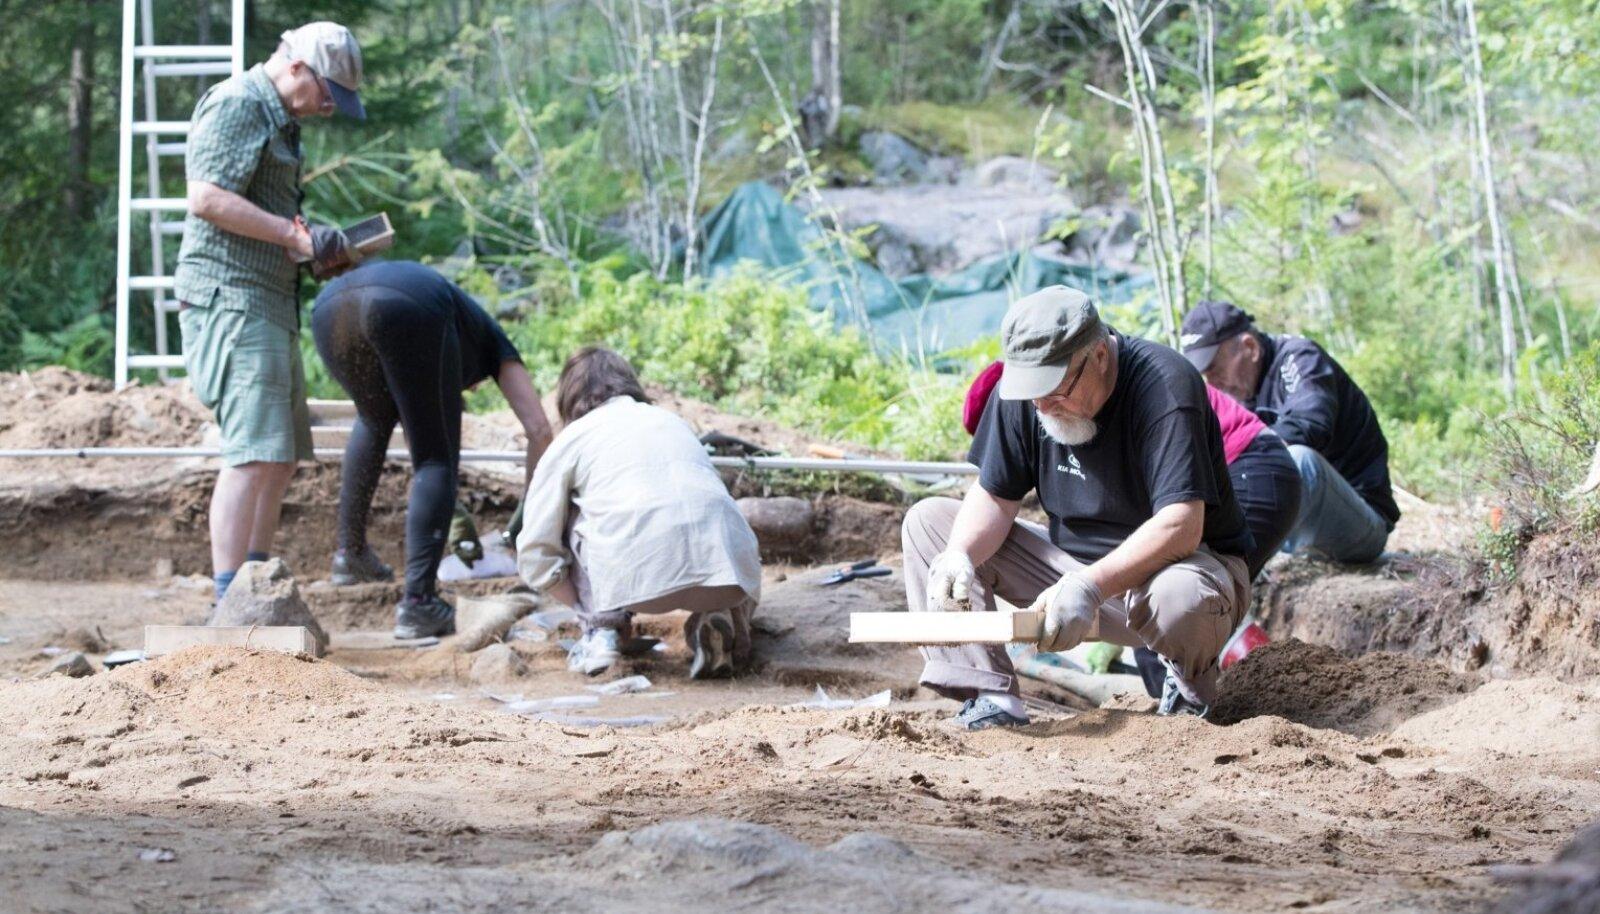 """""""Nad on siin vabatahtlikult. Teeme seda kõik omast tahtest, ilma eraldi rahastuseta,"""" tutvustab Kriiska oma kolleege, Soome harrastusarheolooge, kelle suvi möödub väljakaevamistel."""